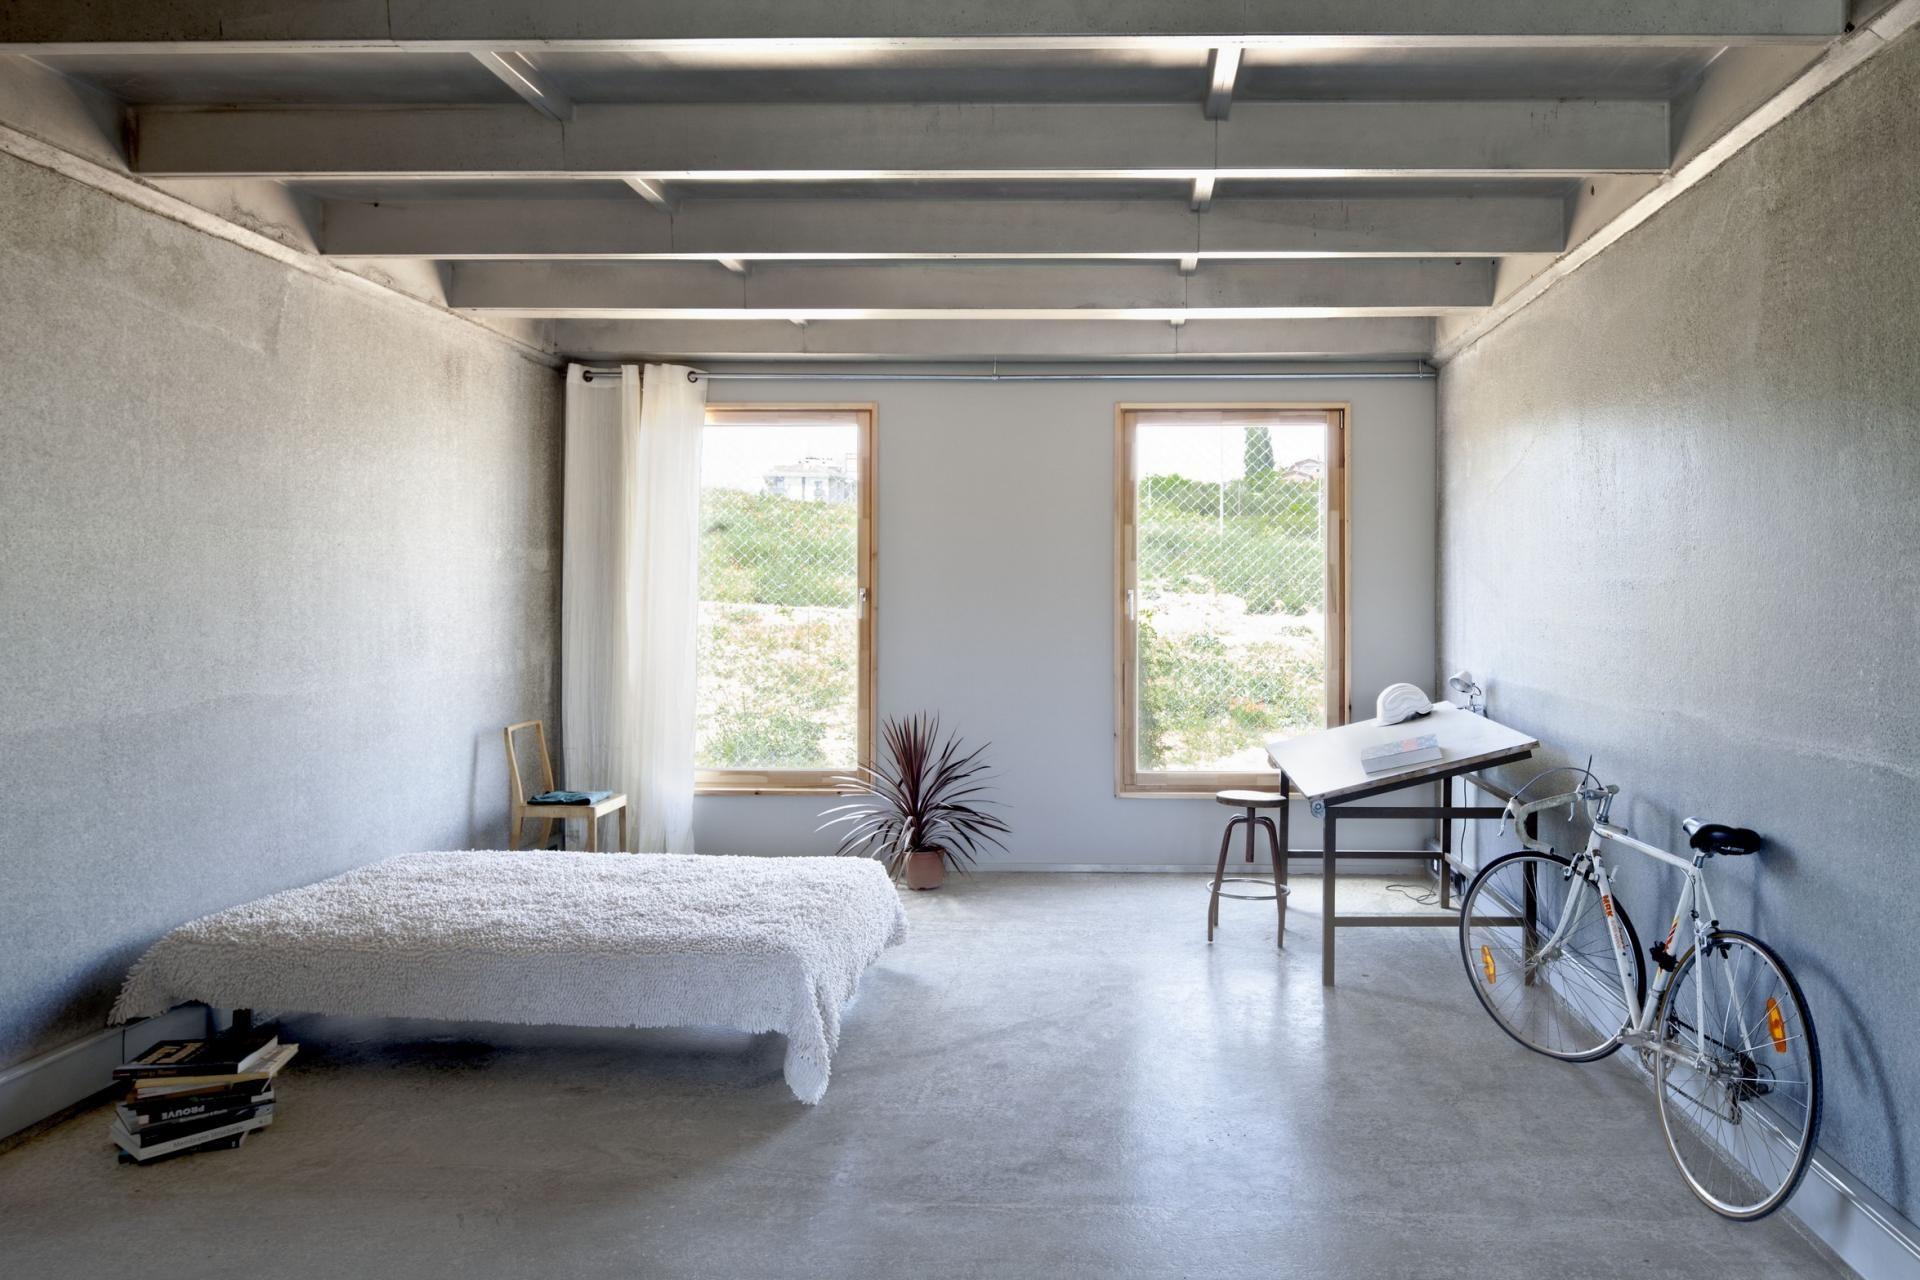 Student Housing In Sant Cugat Del Vall S Dataae Harquitectes  # Muebles Sant Cugat Del Valles